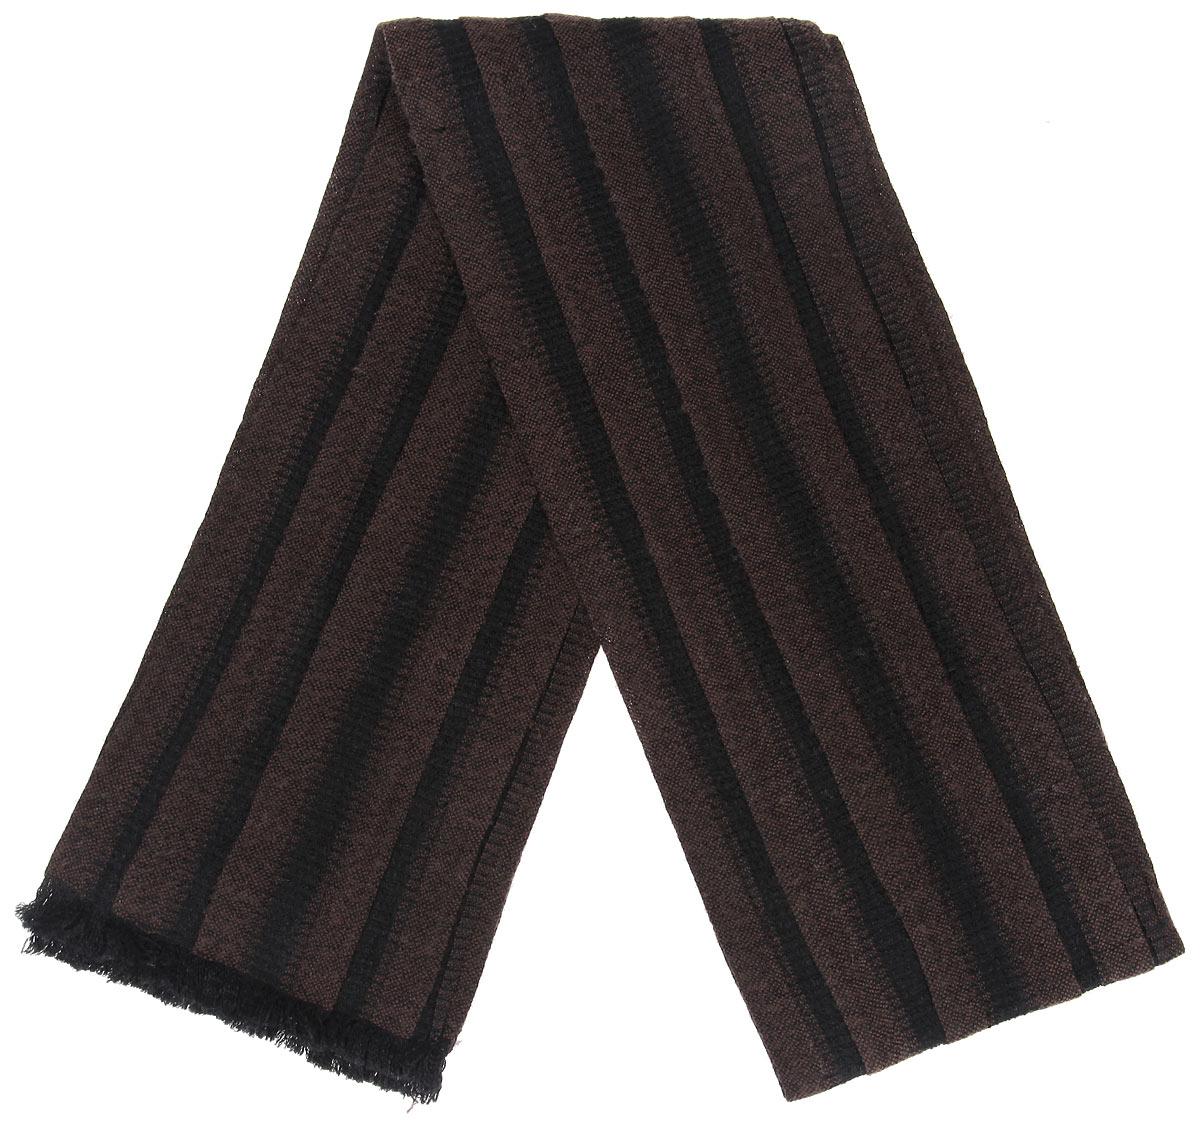 Шарф мужской Flioraj, цвет: темно-коричневый. 00050566. Размер 20 см х 180 см00050566Элегантный мужской шарф Flioraj согреет вас в холодное время года, а также станет изысканным аксессуаром, который призван подчеркнуть ваш стиль и индивидуальность. Теплый, мягкий, приятный на ощупь шарф не продувается и великолепно сохраняет тепло. Оригинальный и стильный шарф выполнен из высококачественной мериносовой шерсти с добавлением лайкры, оформлен узкими полосками и украшен тонкой бахромой по краям.Такой шарф станет превосходным дополнением к любому наряду, защитит вас от ветра и холода и позволит вам создать свой неповторимый стиль